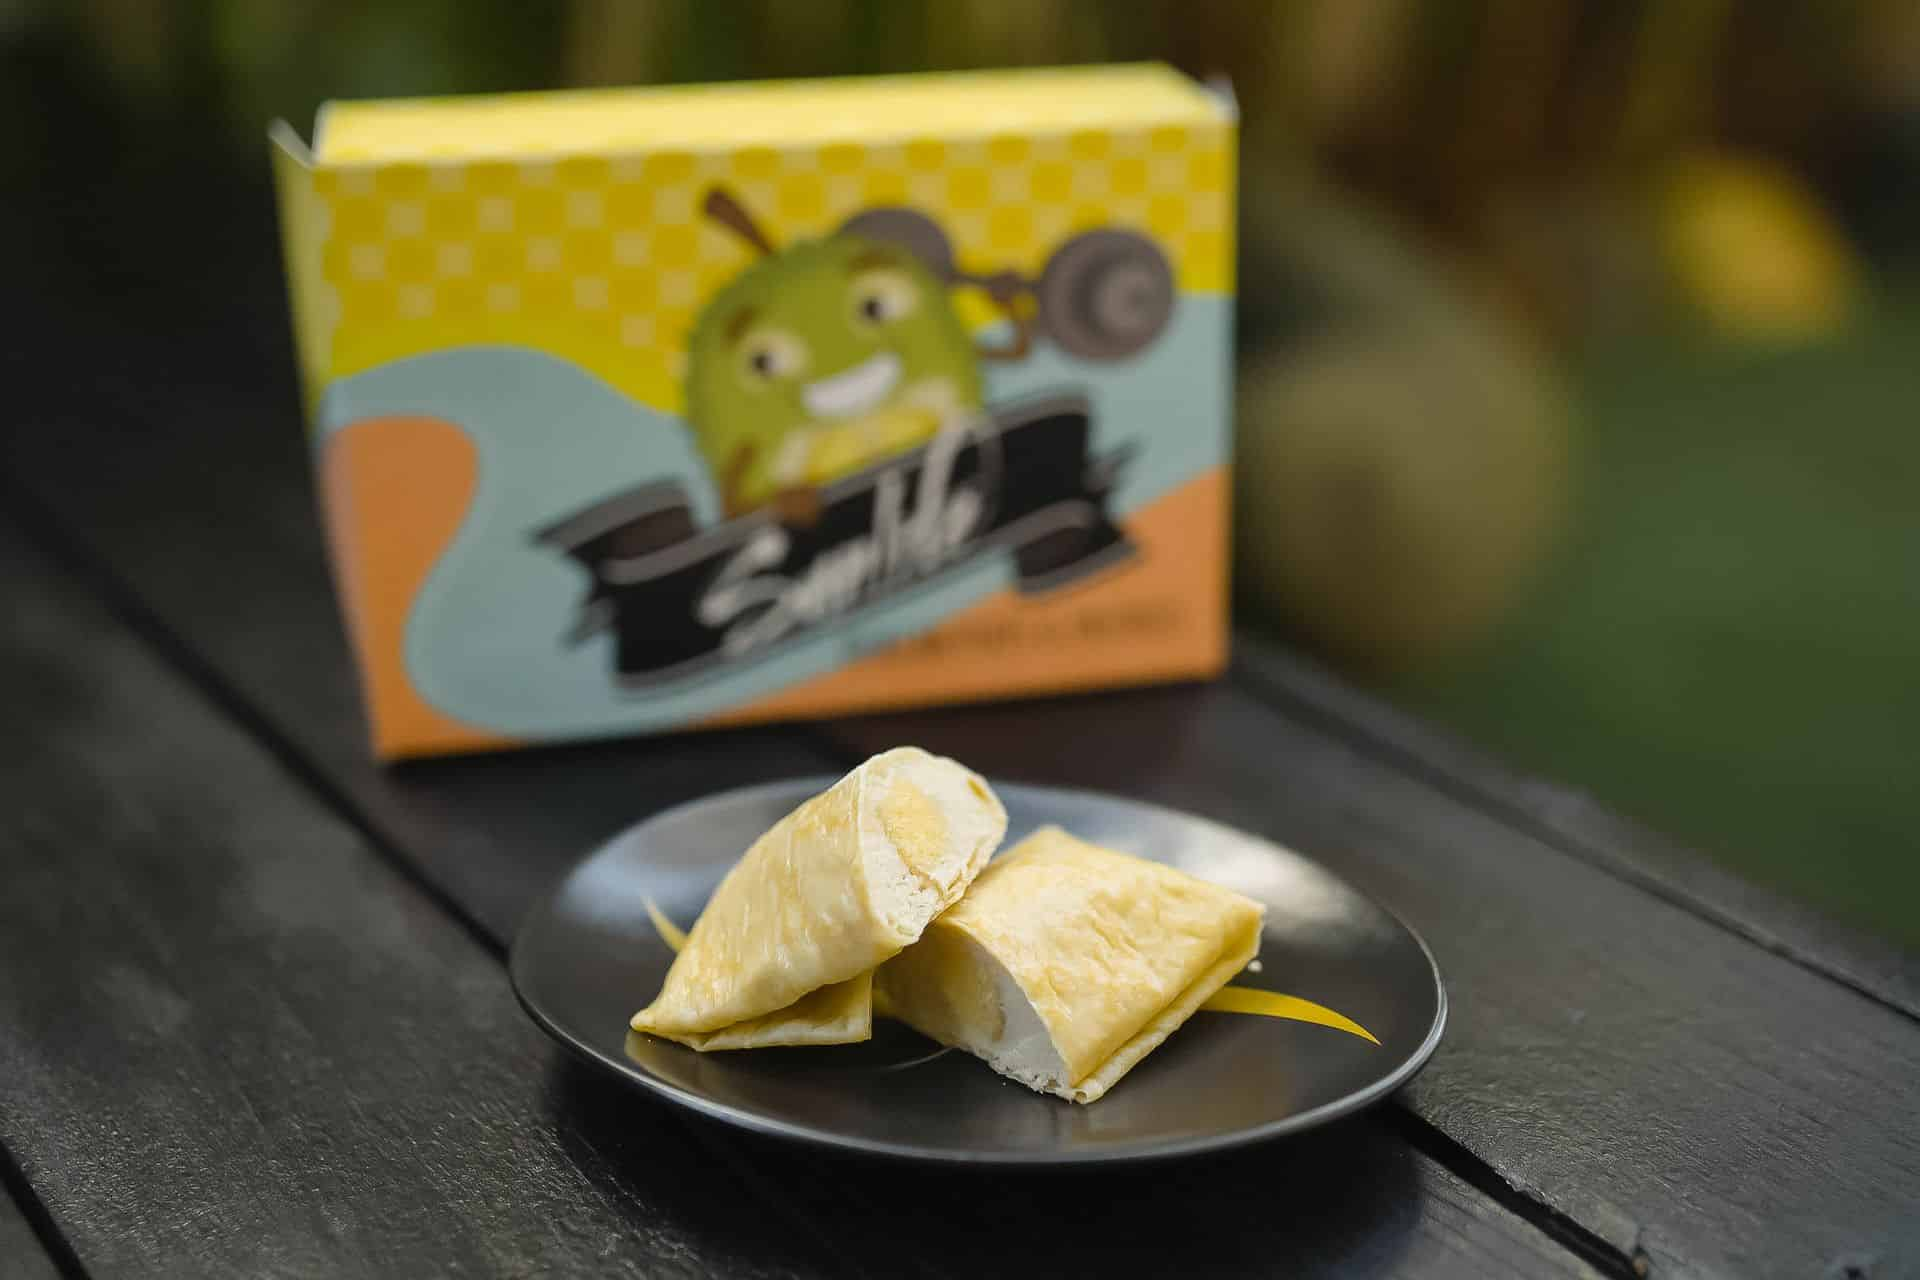 grabdurian durian crepe sunlife